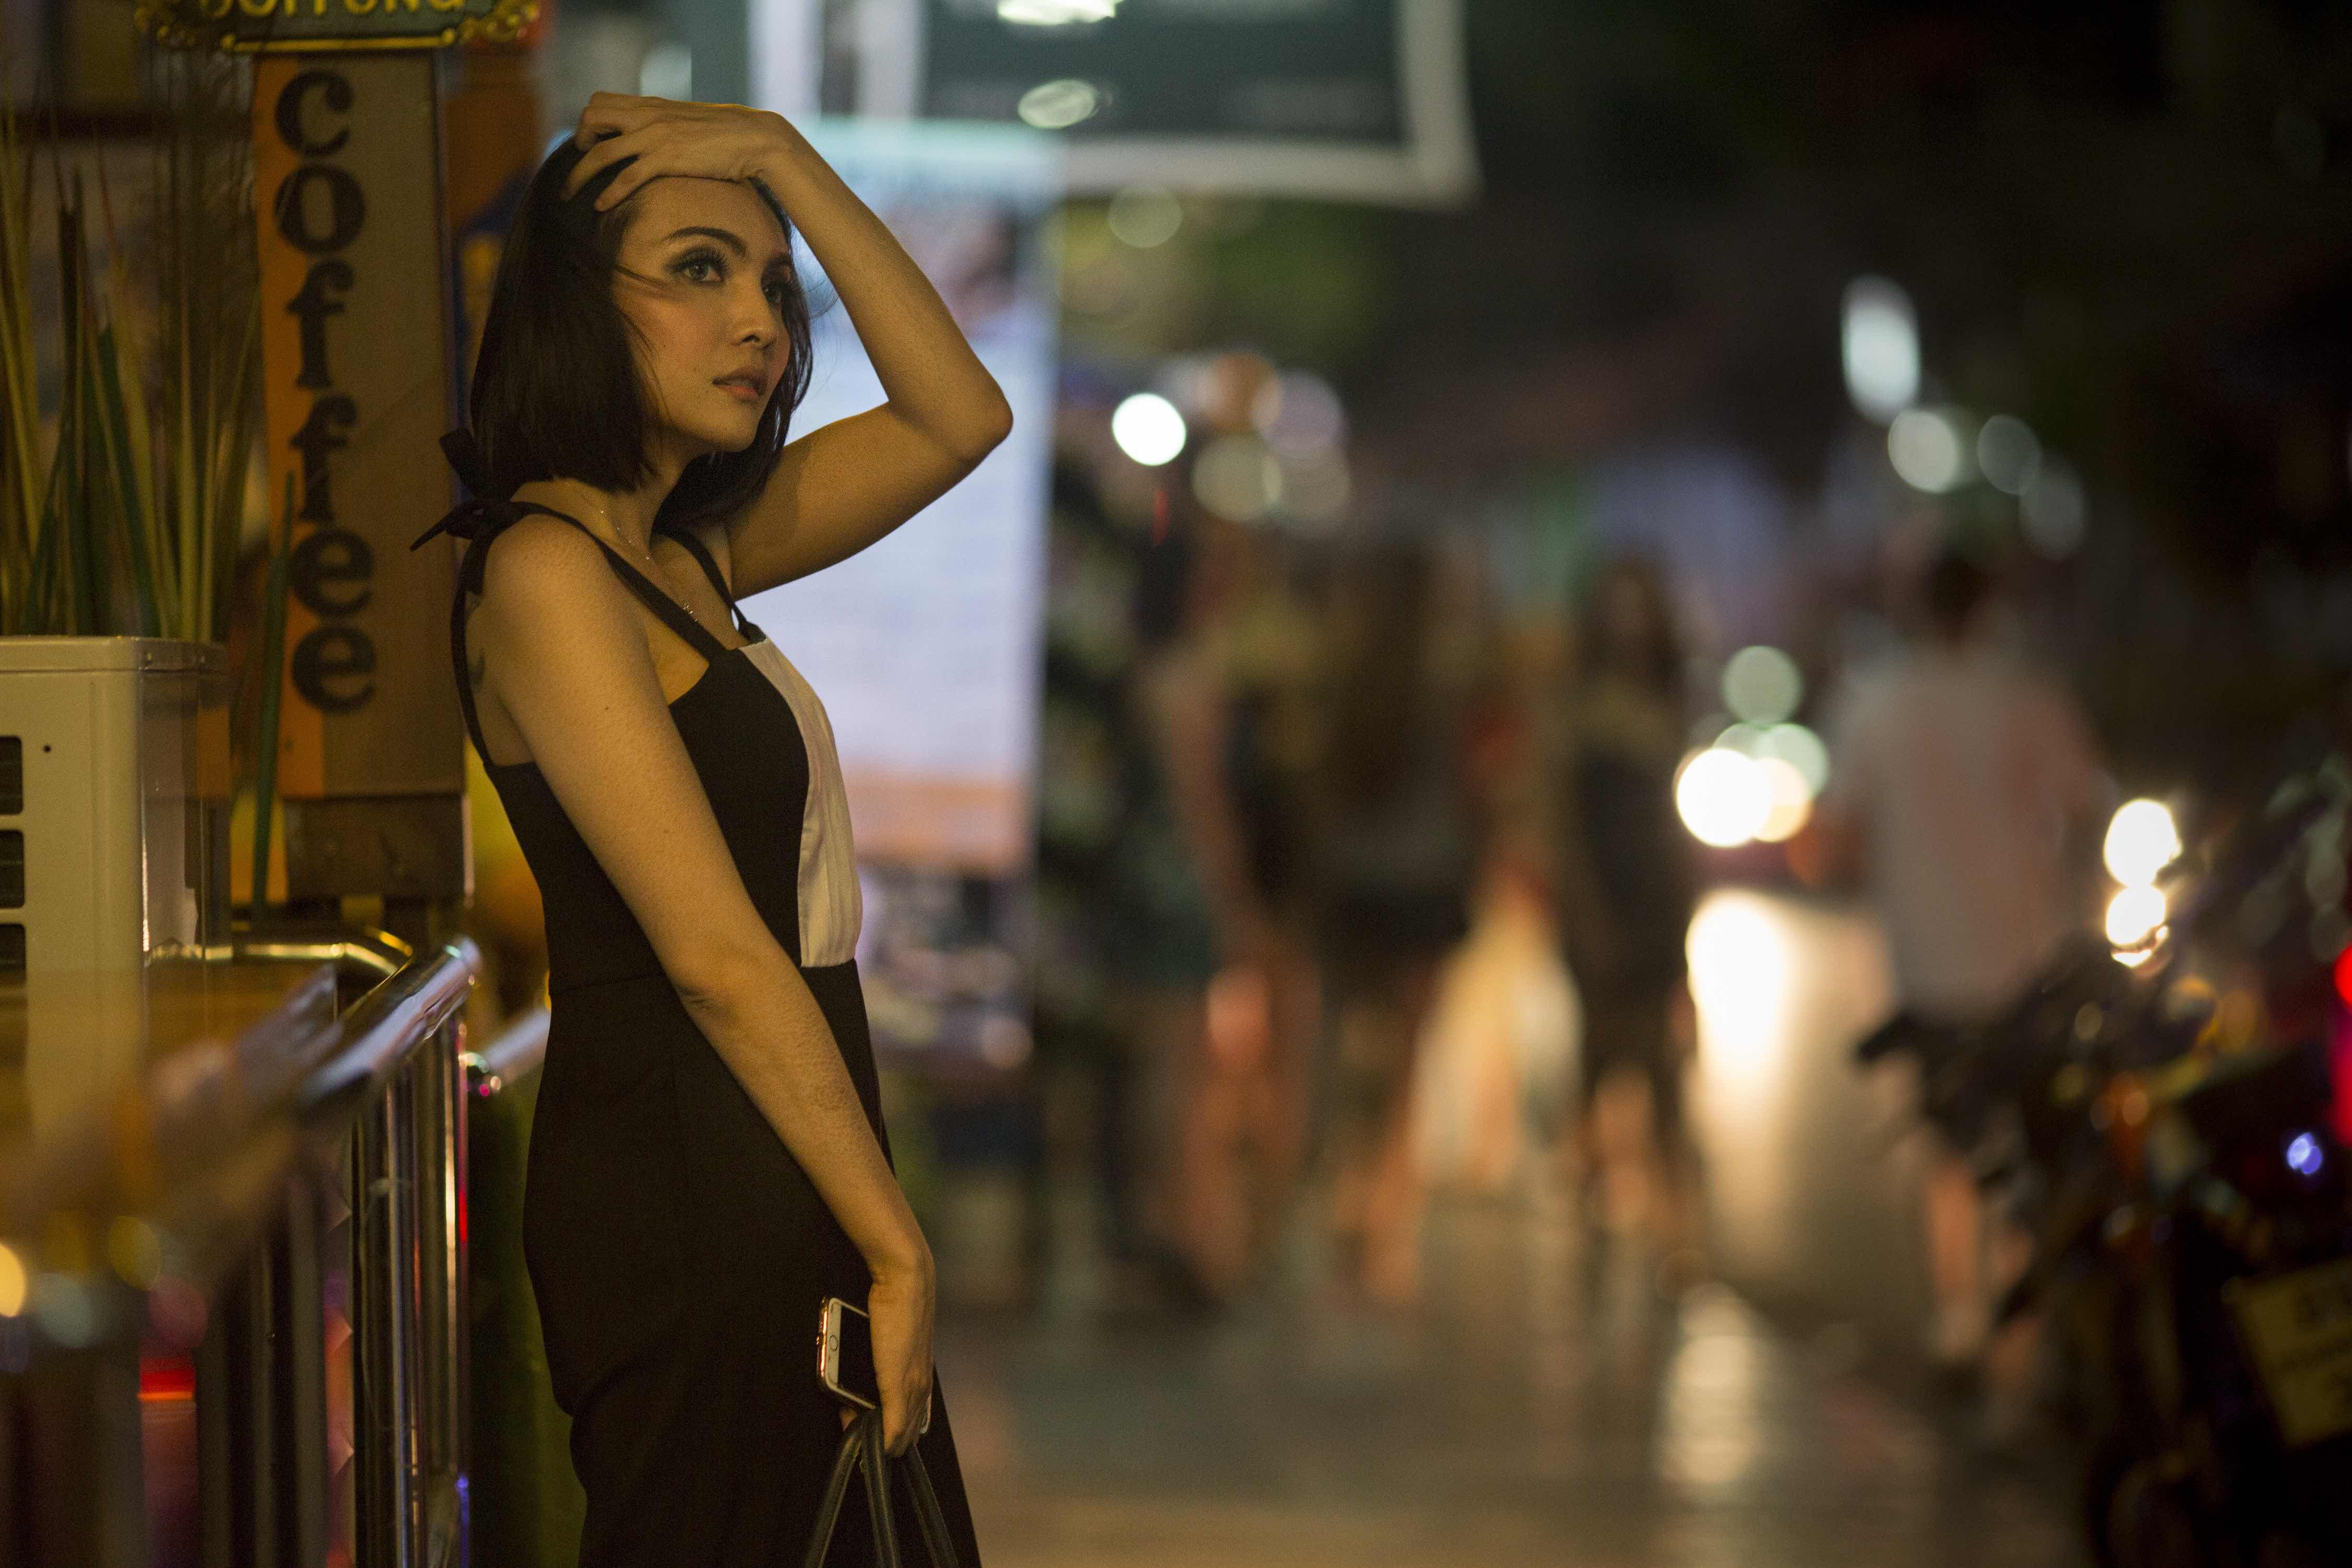 Día de la trabajadora sexual, la prostitución desde el feminismo